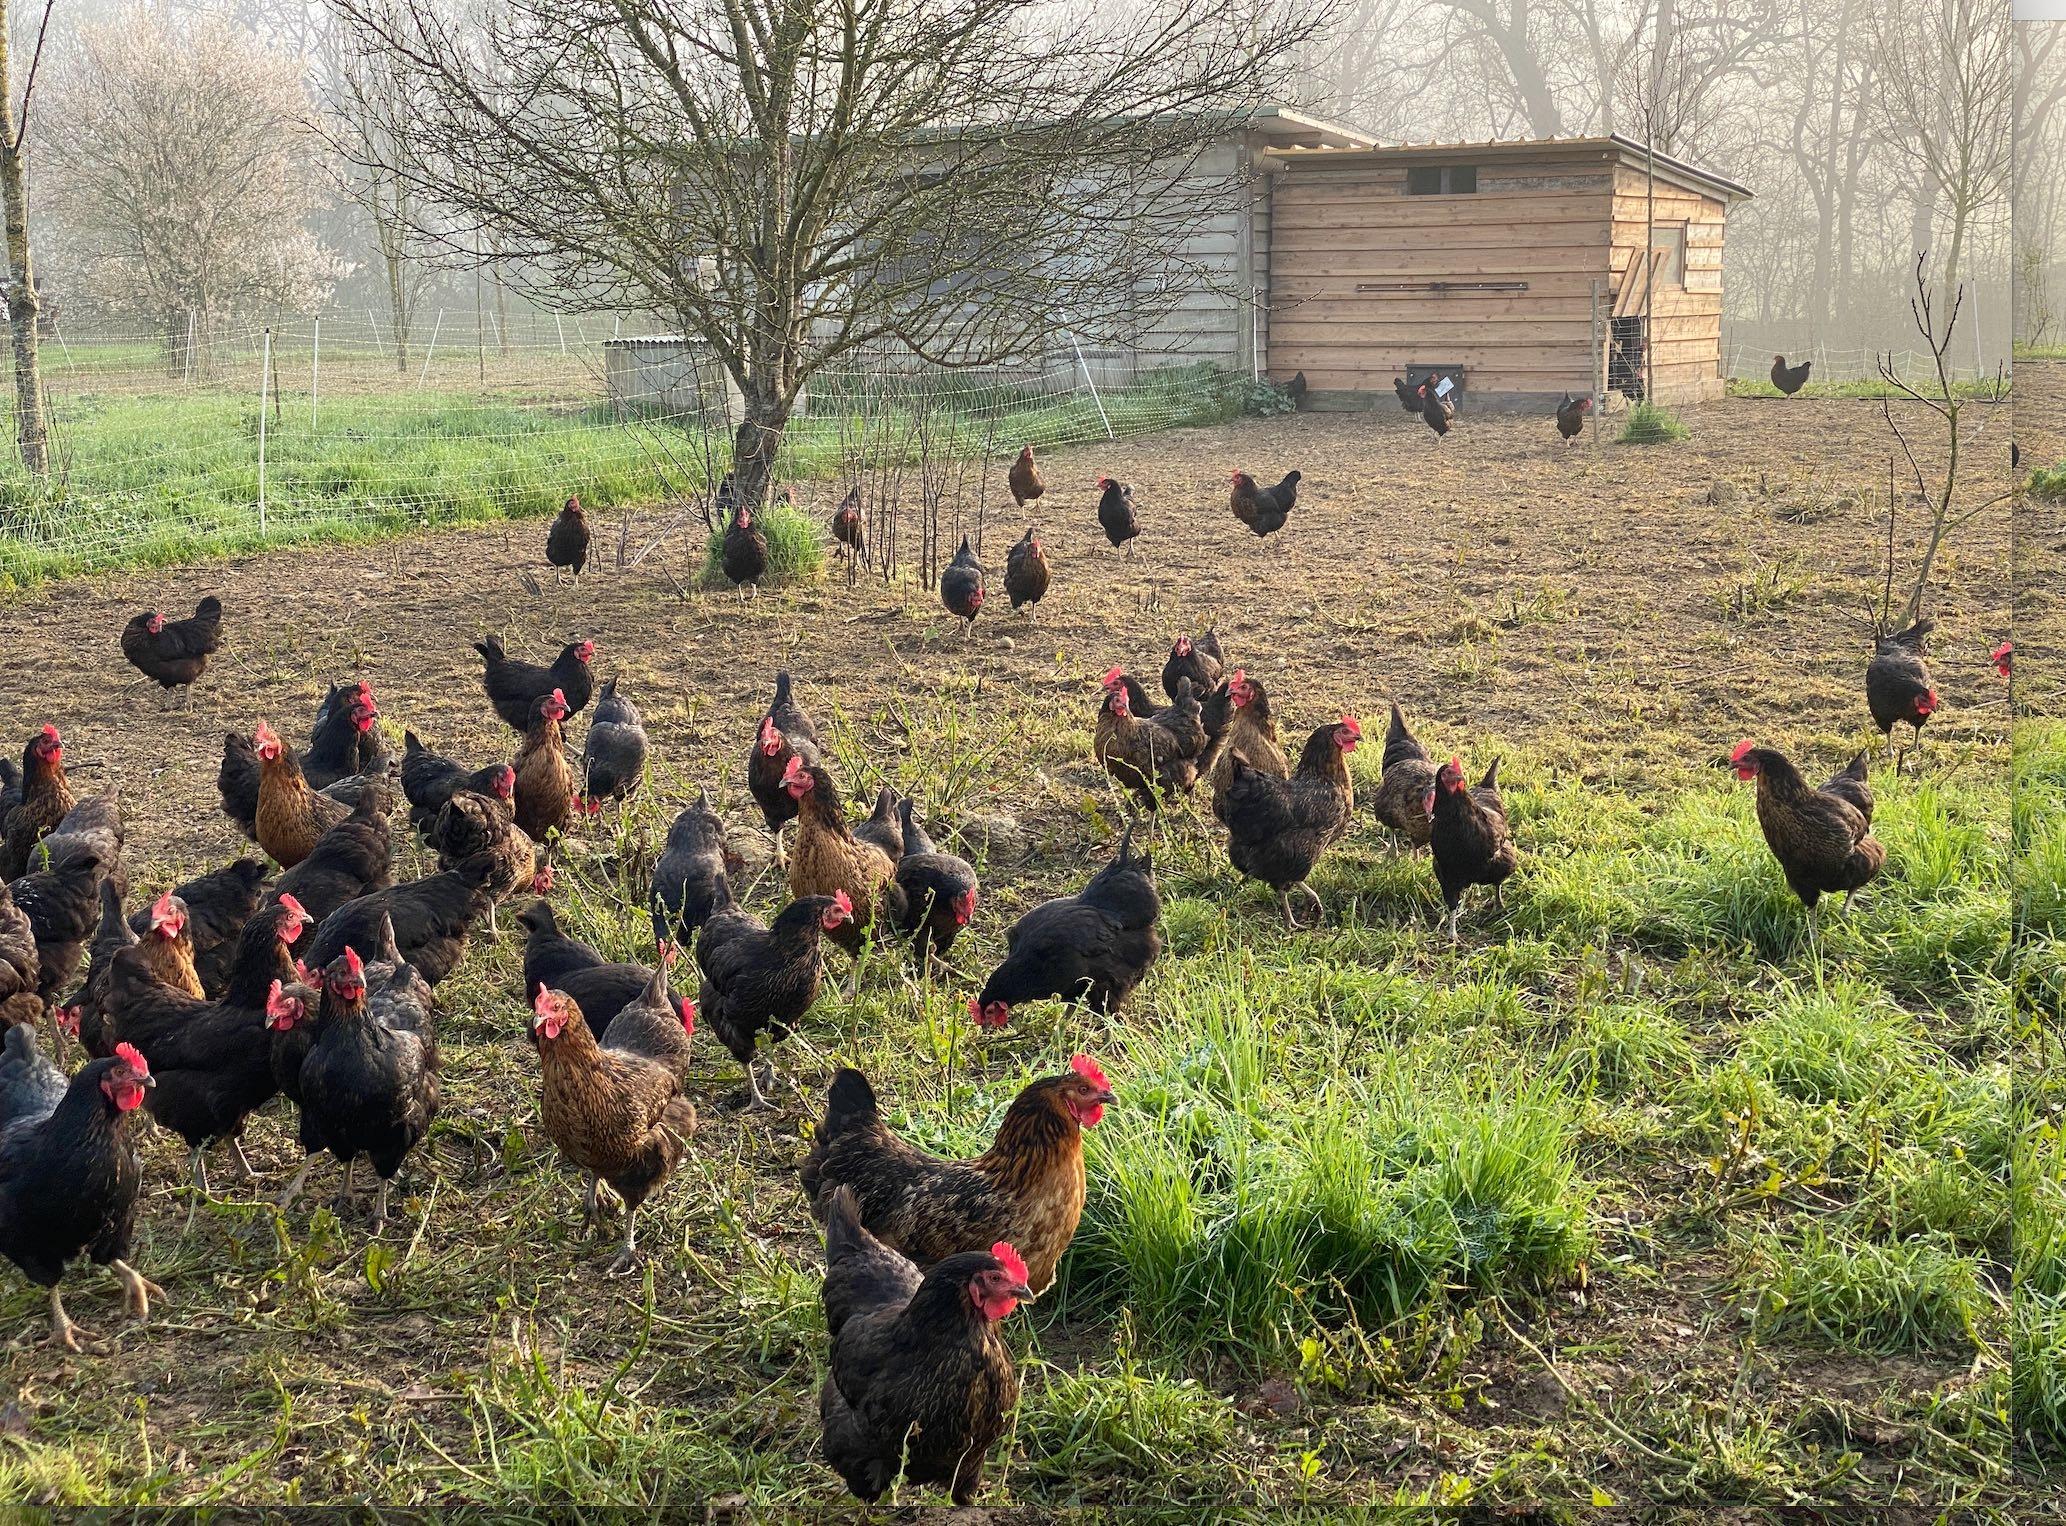 Les importations de viande de poulet ont augmenté de 55% entre 2015 et 2019 (Crédit photo : R. Lecocq)